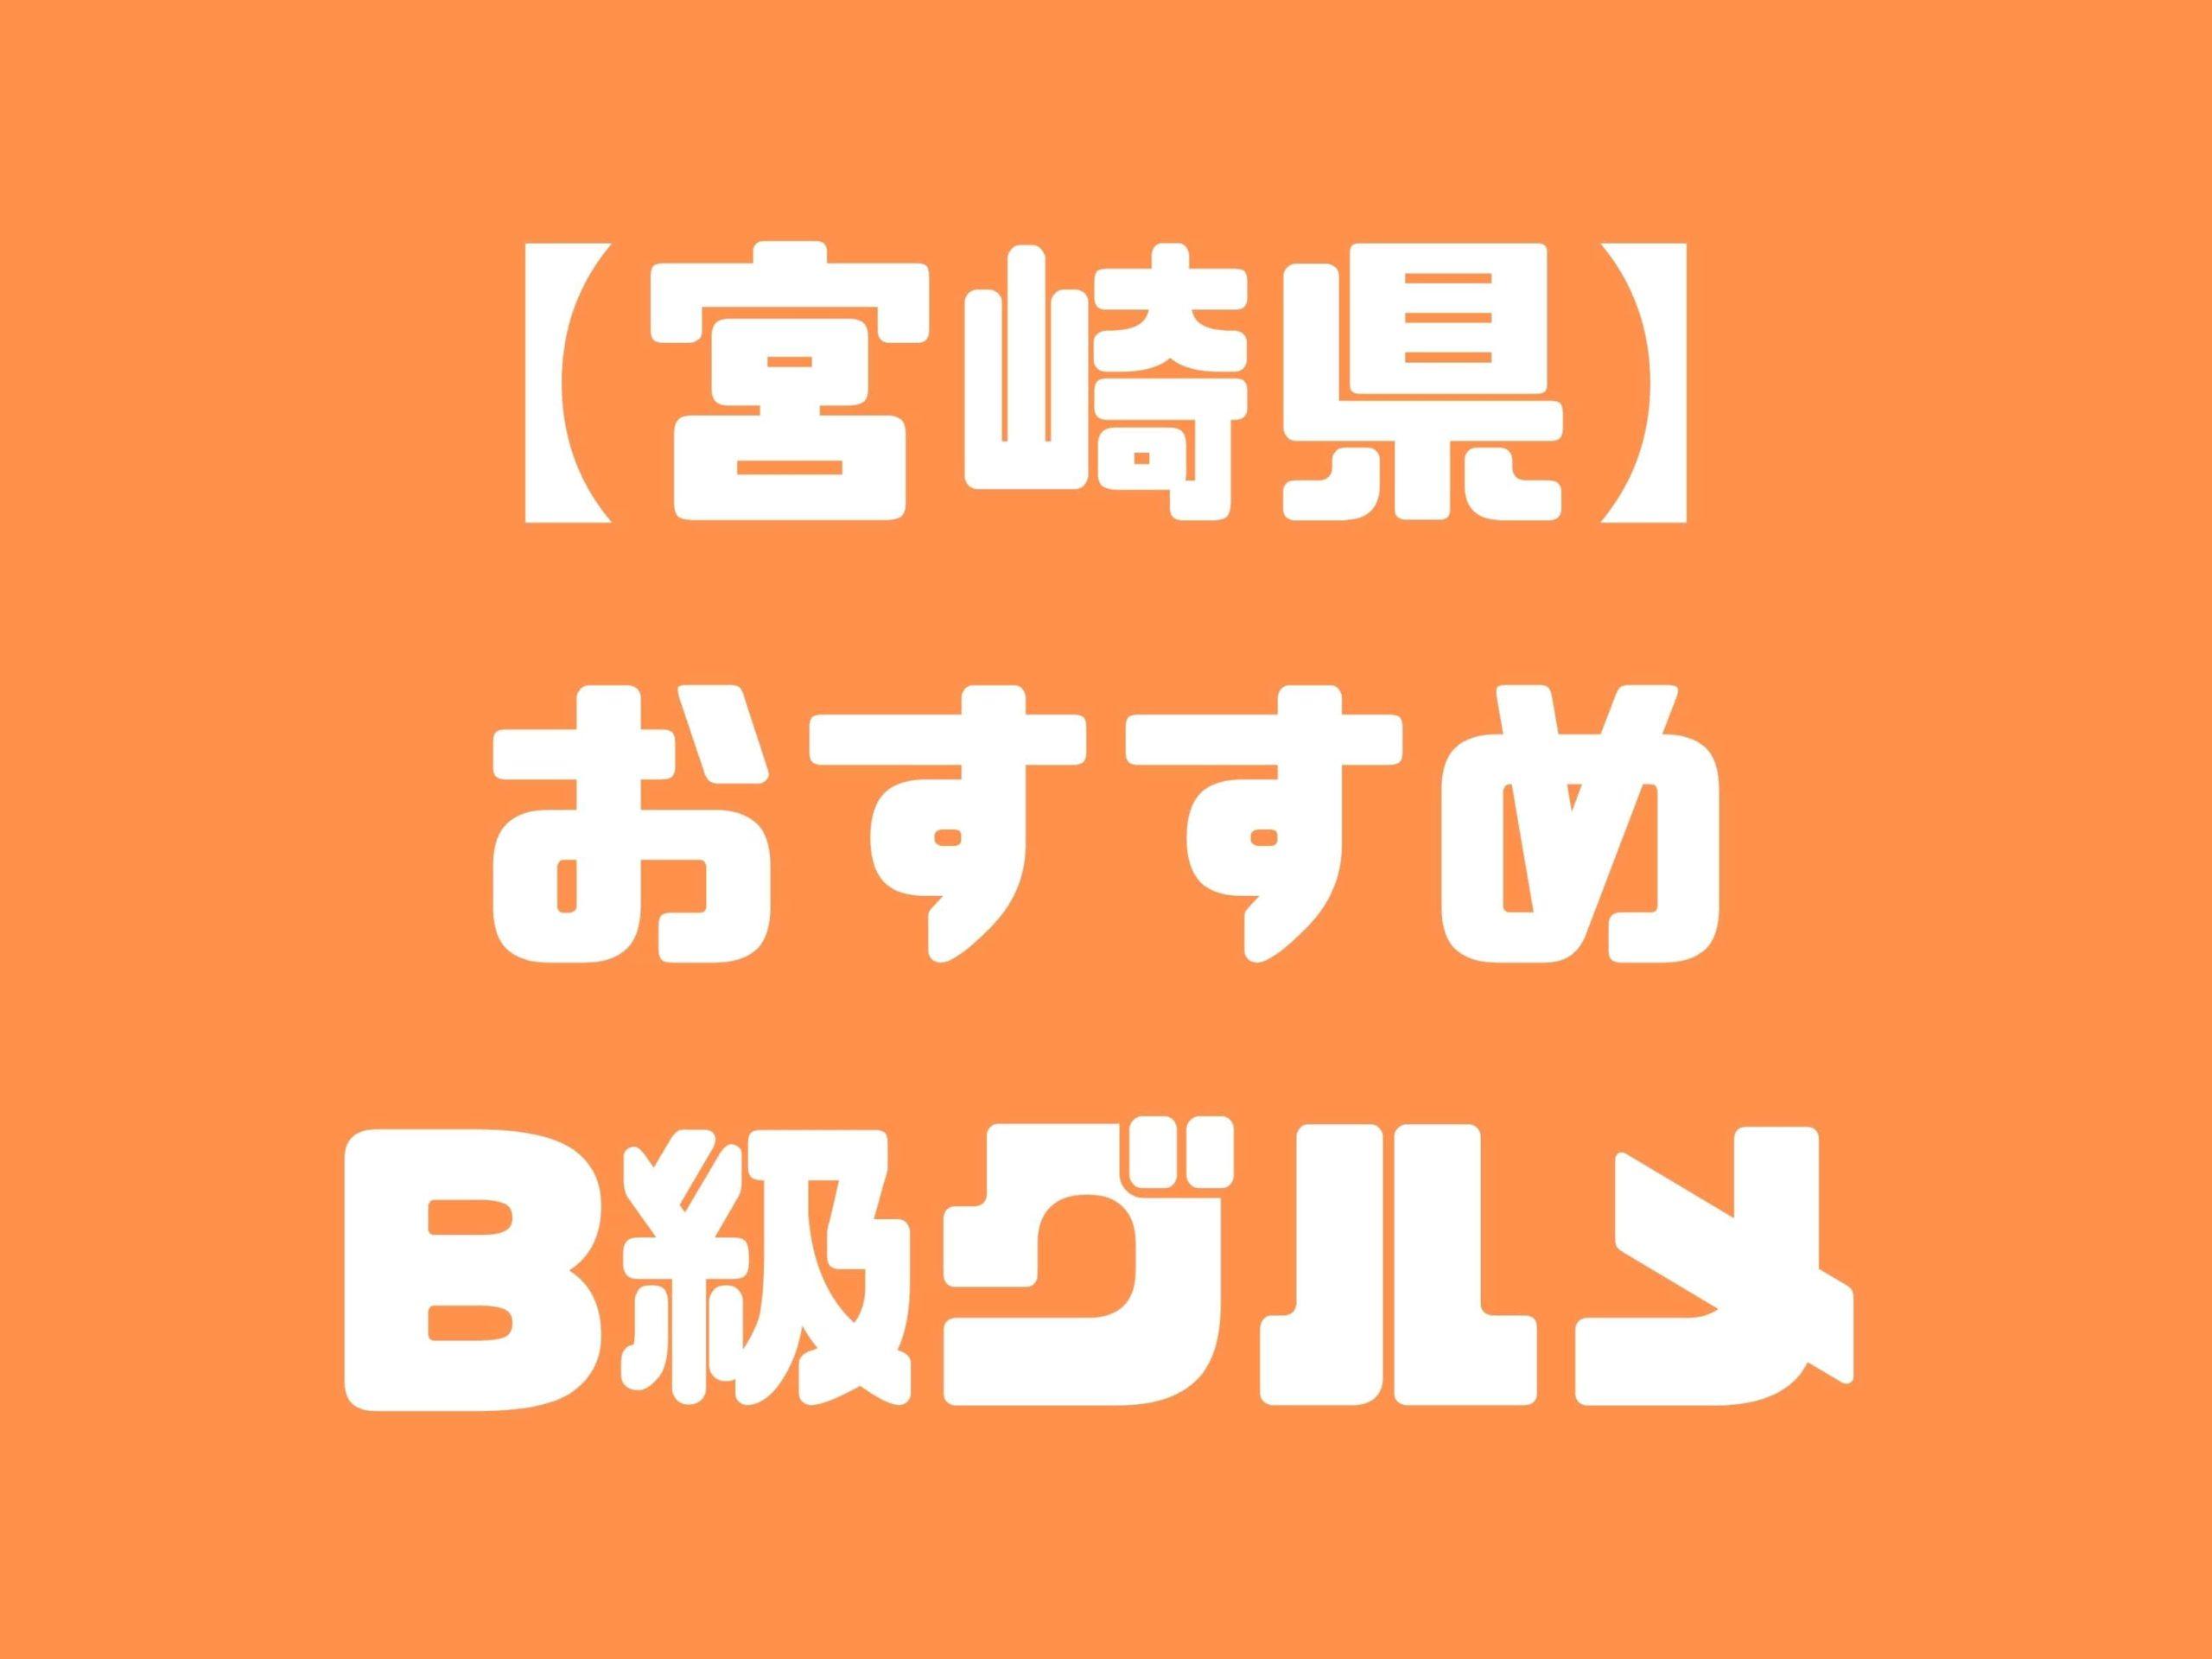 【宮崎県版】秘密のケンミンSHOWまとめ